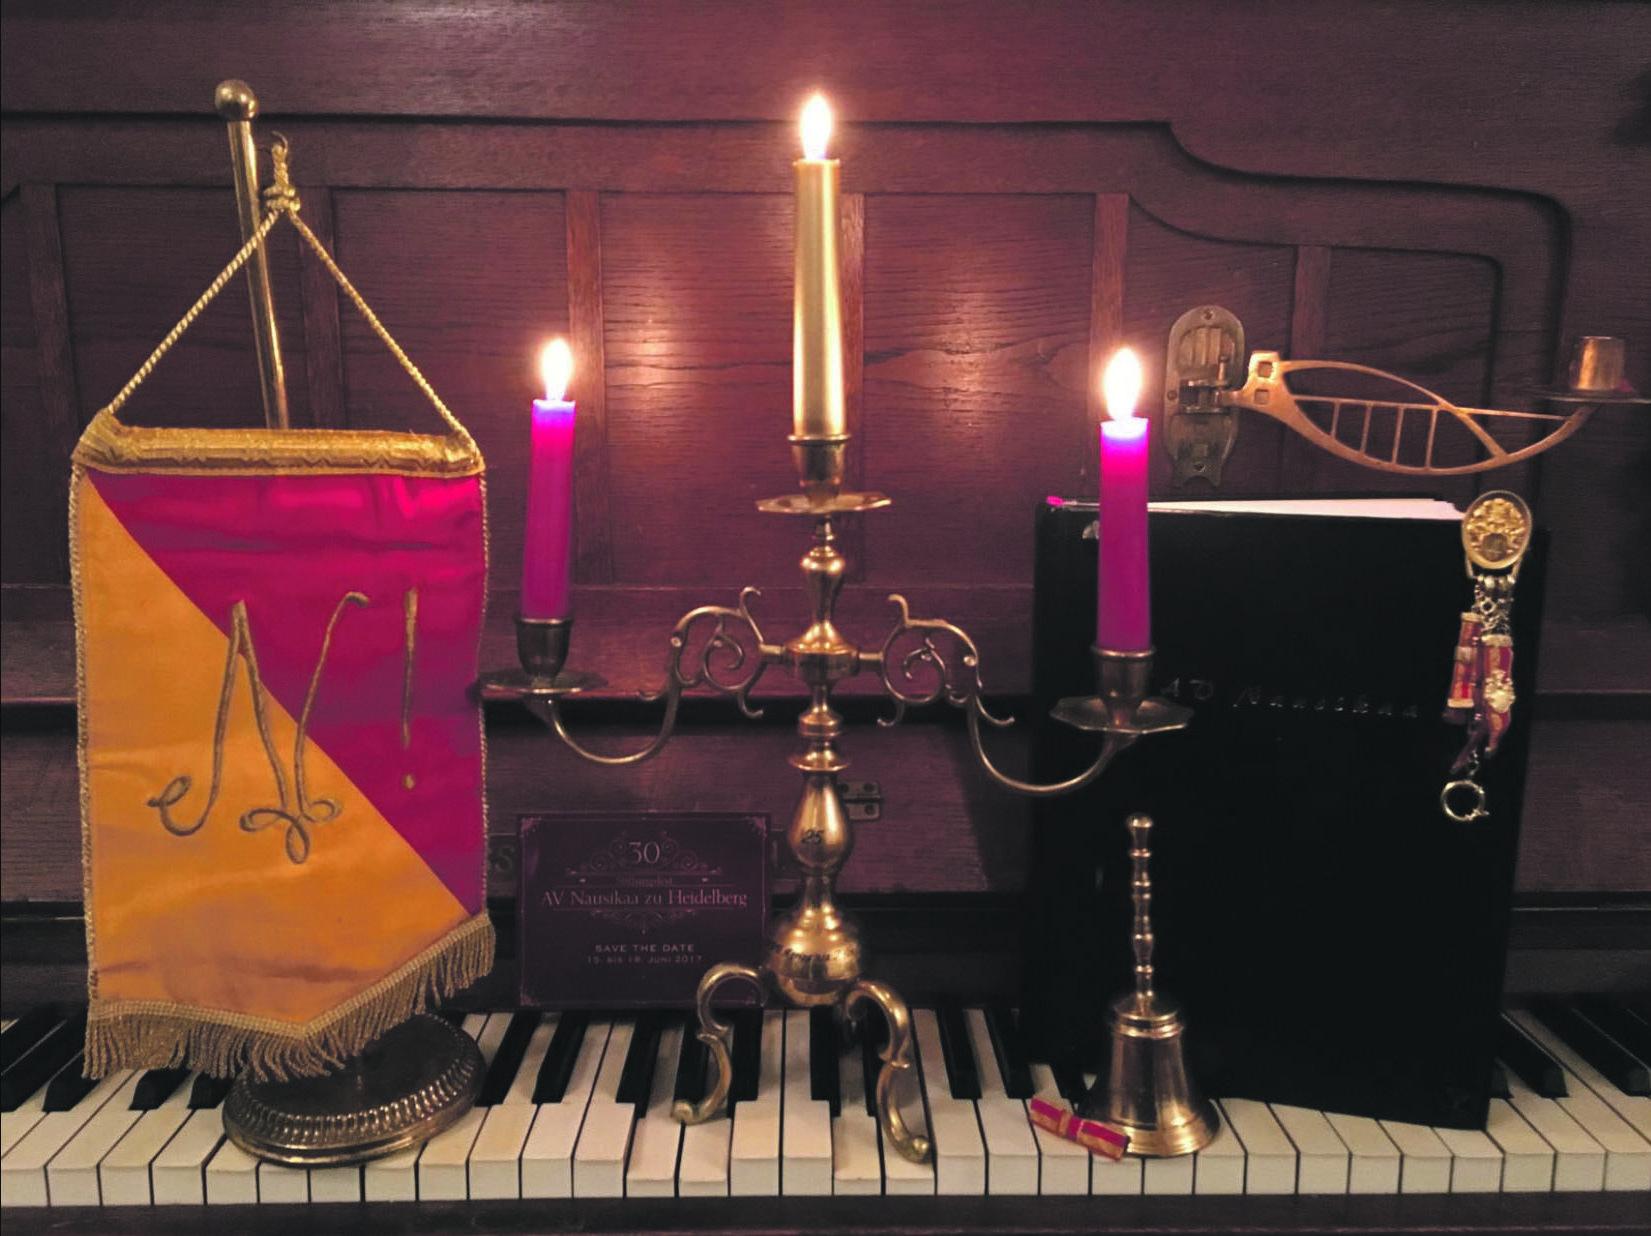 Mit Klavier, Kerzenleuchter, Wimpel und Glocke: Tradition wird auch bei Damenverbindungen hochgehalten. Foto: AV Nausikaa